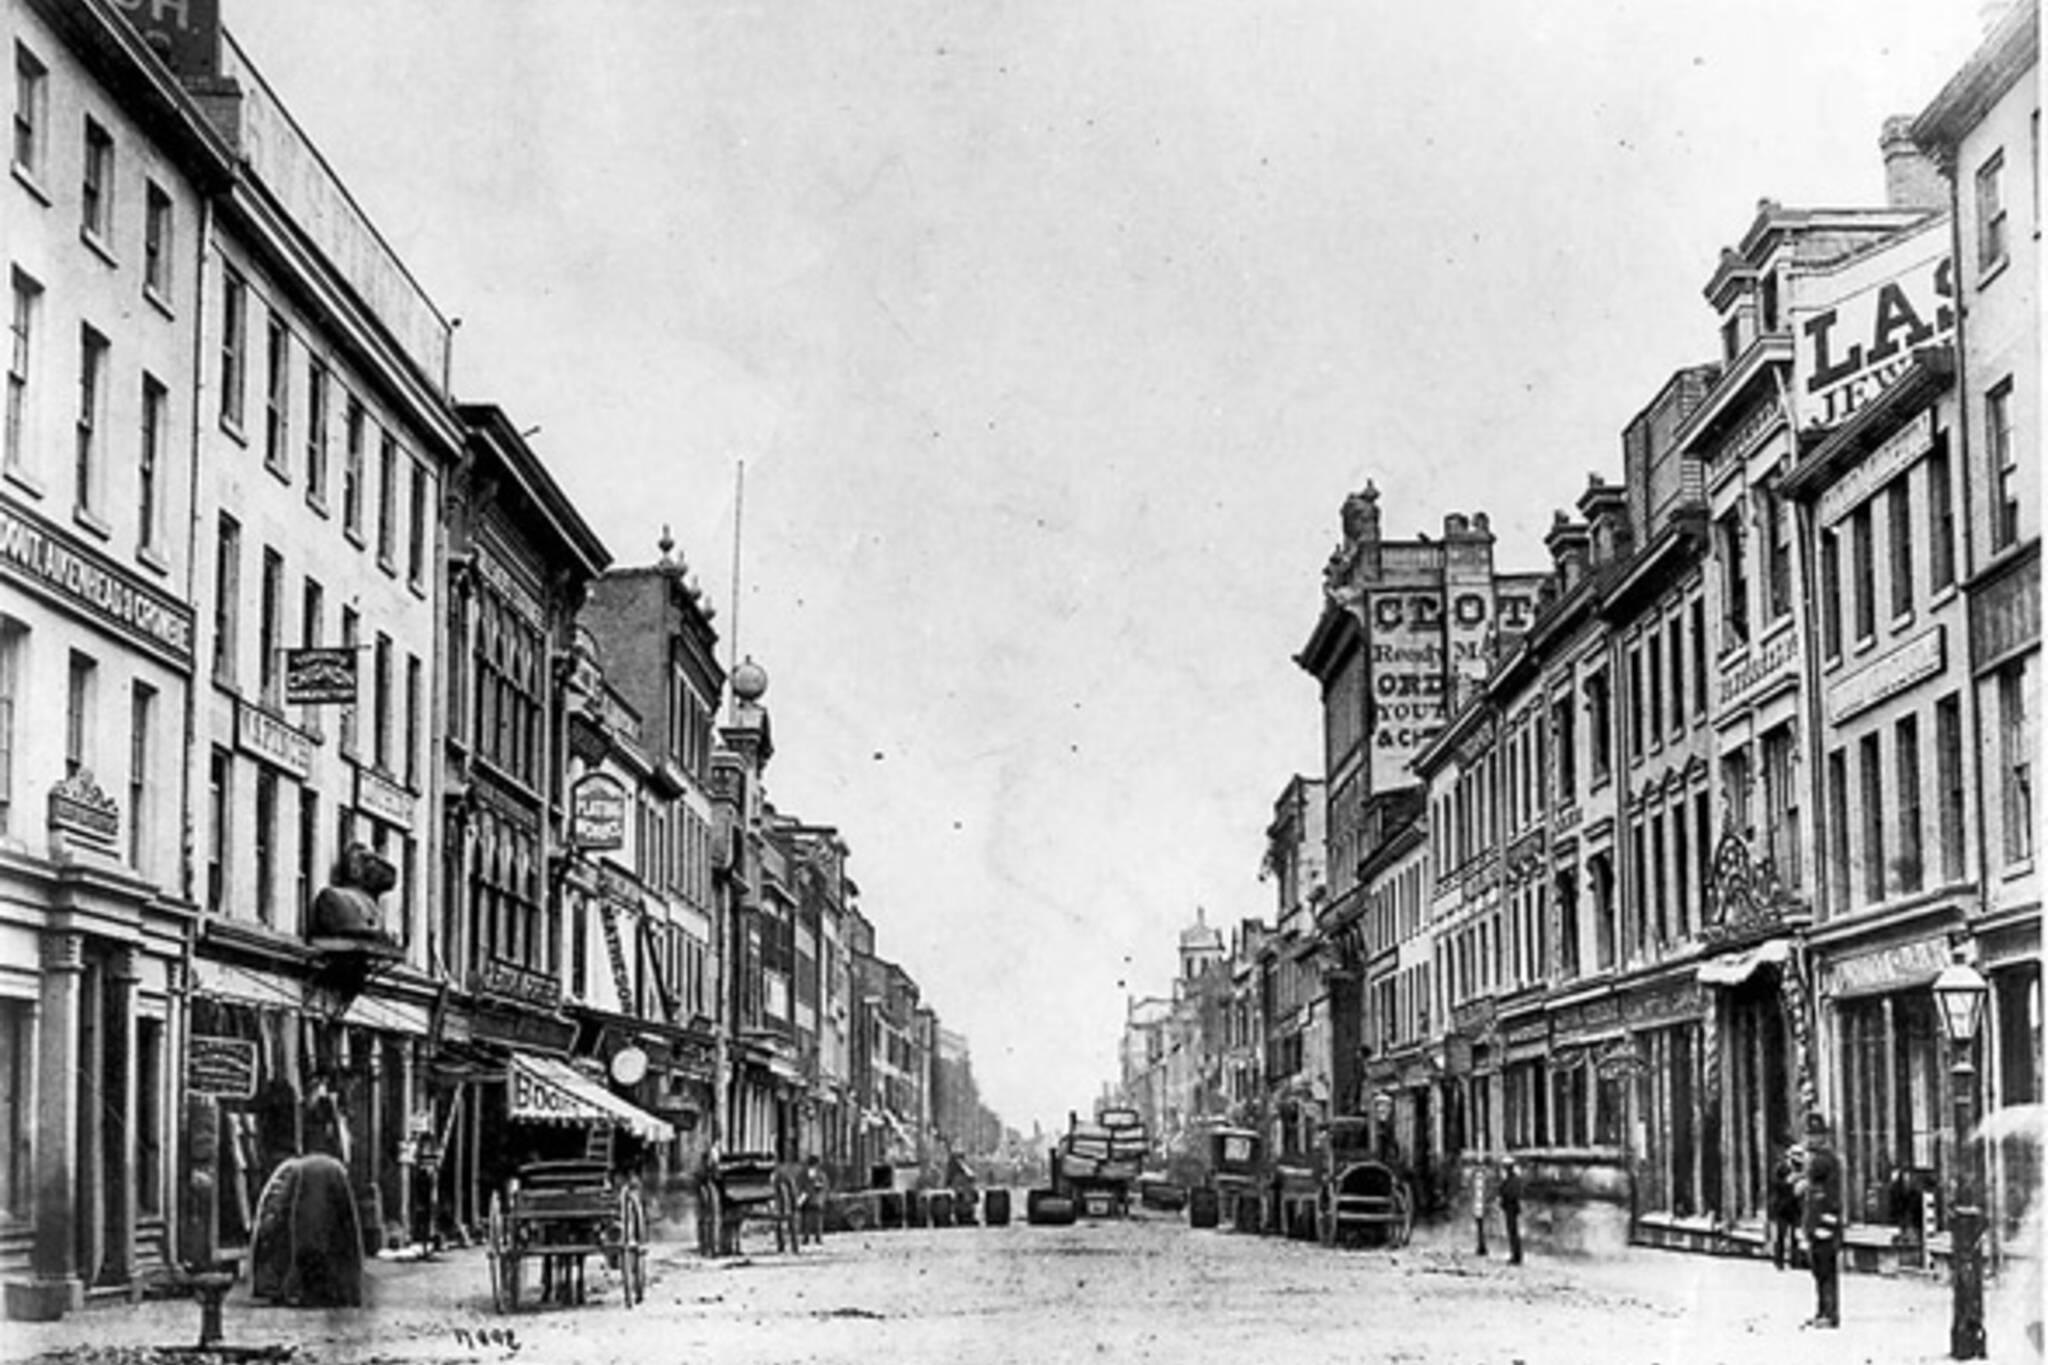 Toronto 1870s